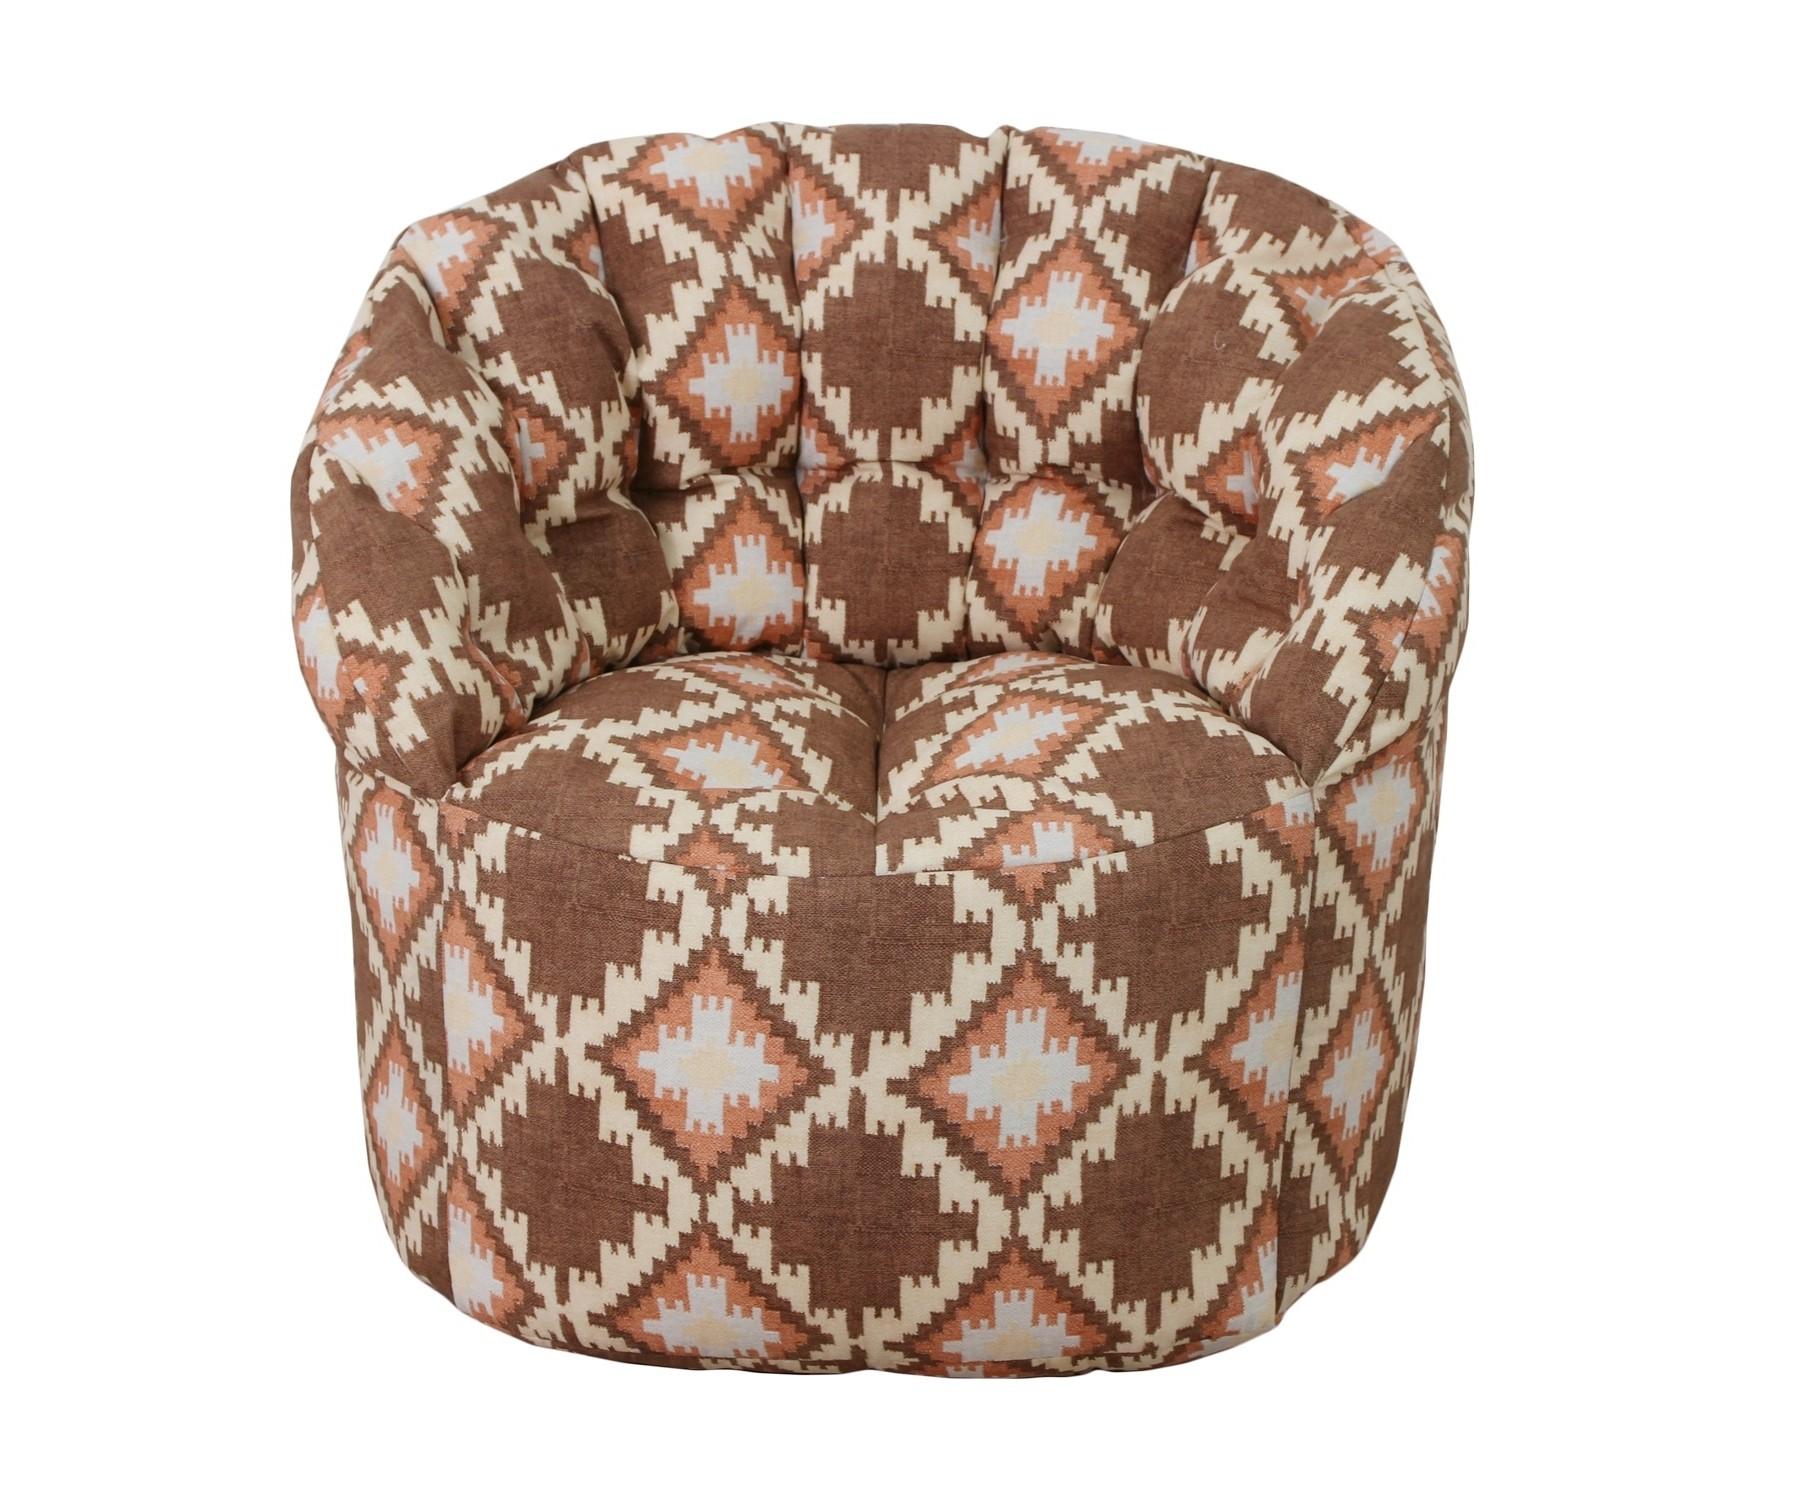 Кресло- пуфФорменные пуфы<br>Комфортное кресло-пуф станет неотьемлемой частью вашего дома. Спинка кресла держит форму и обеспечивает круговую поддержку для спины за счет особой системы пошива. Кресло имеет 2 независимых отсека для наполнителя. Эксклюзивная   ткань разбавит ваш интерьер яркими красками.<br><br>Material: Текстиль<br>Length см: None<br>Width см: 85<br>Depth см: 56<br>Height см: 91